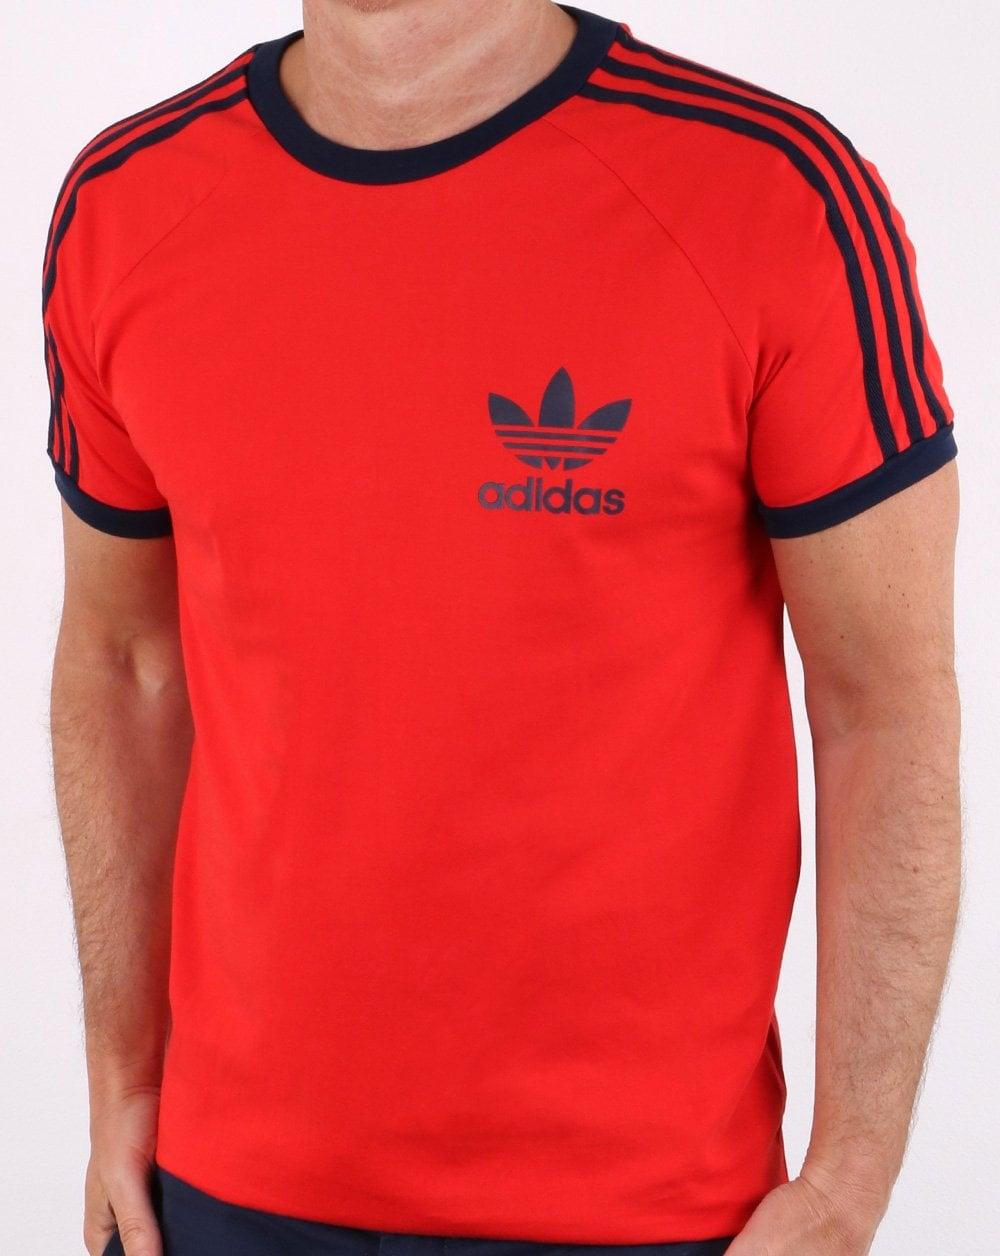 5f8a79fee2b adidas Originals Adidas Originals Retro Trefoil 3 Stripes T-shirt Red